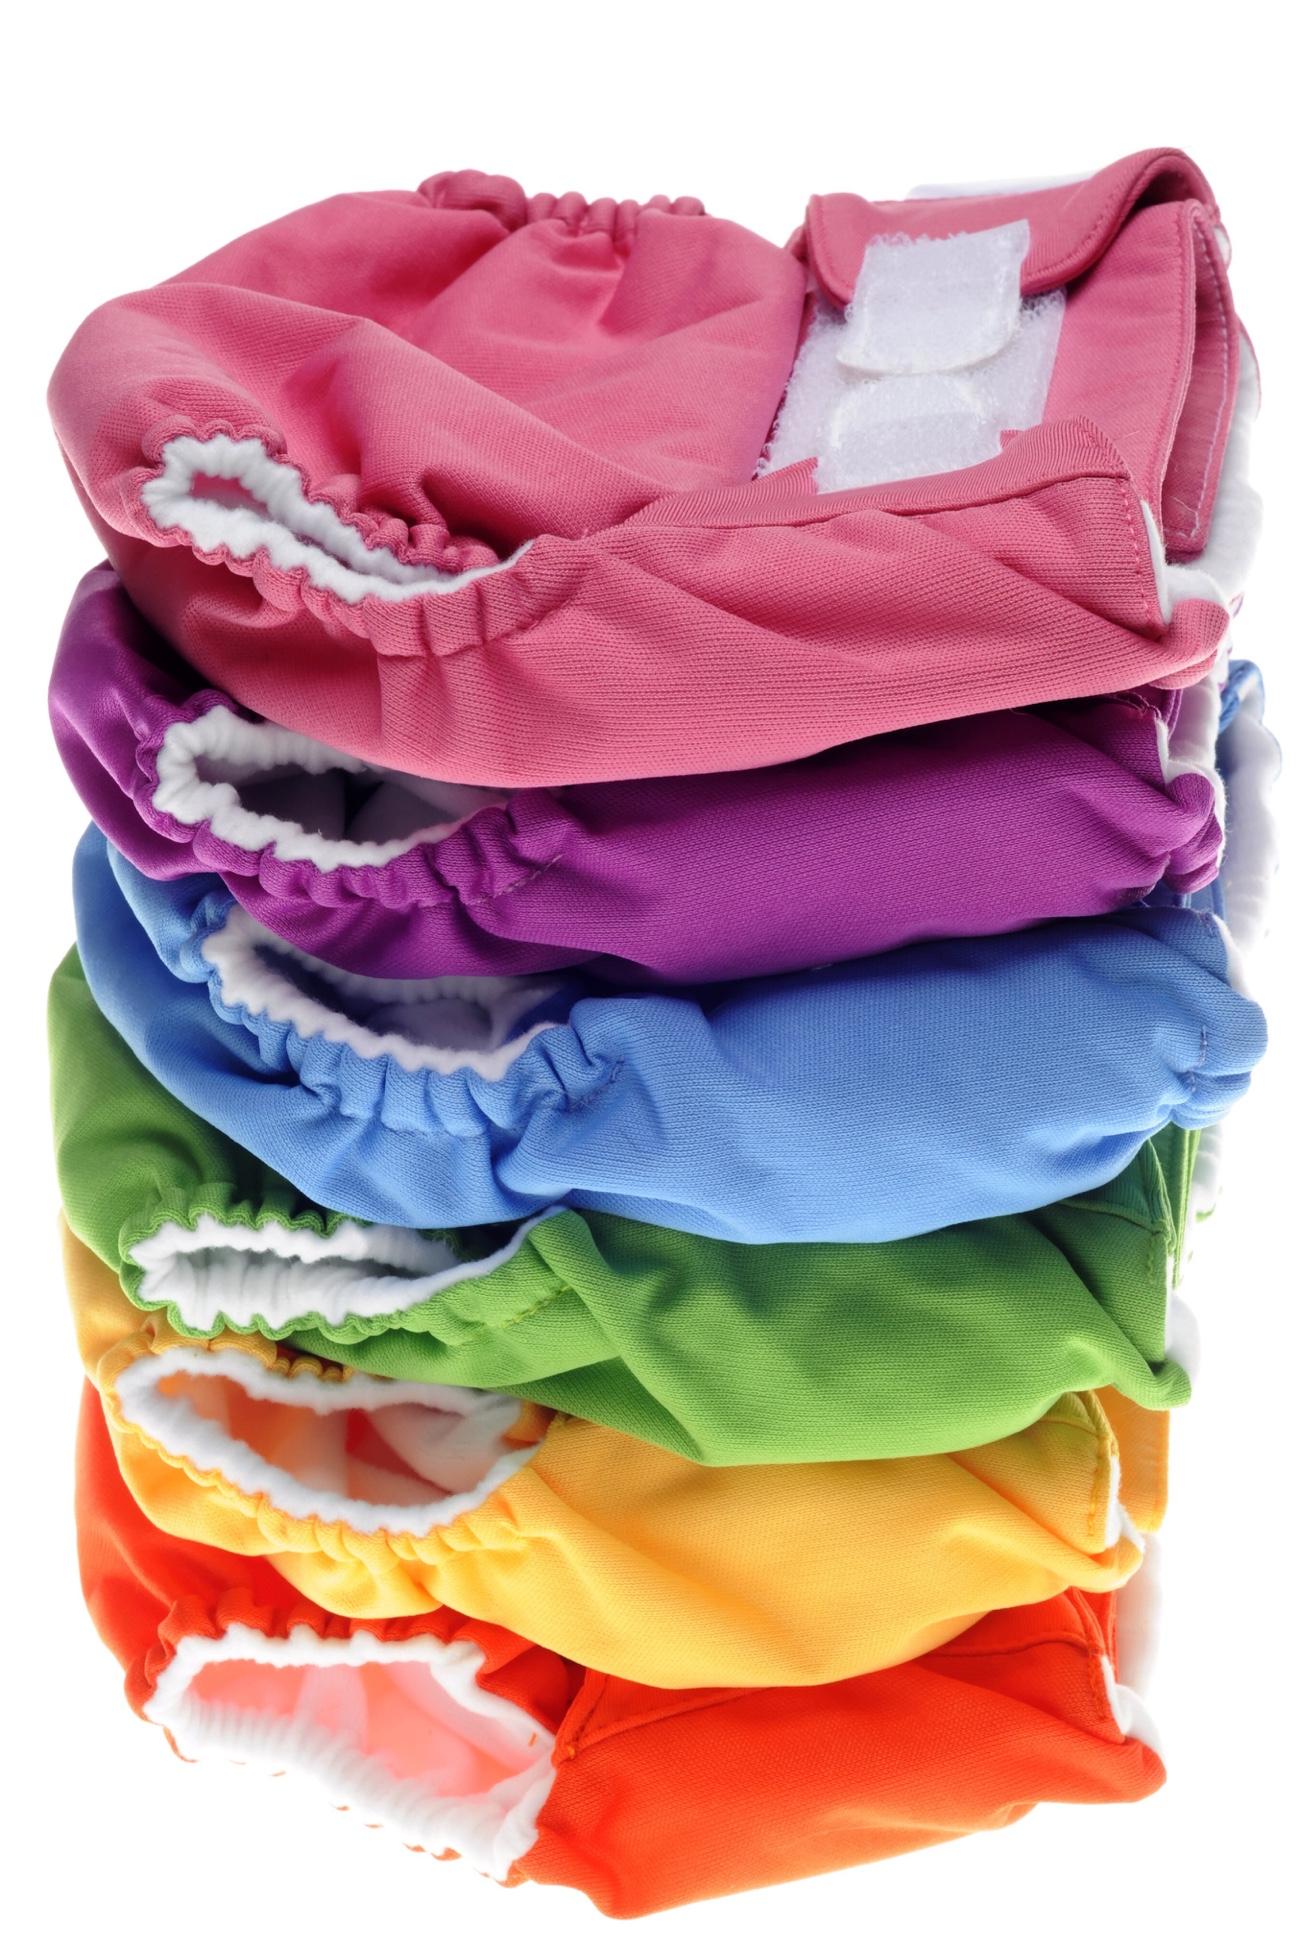 Cloth Diapers Advanced Tactics Variations For Seasoned